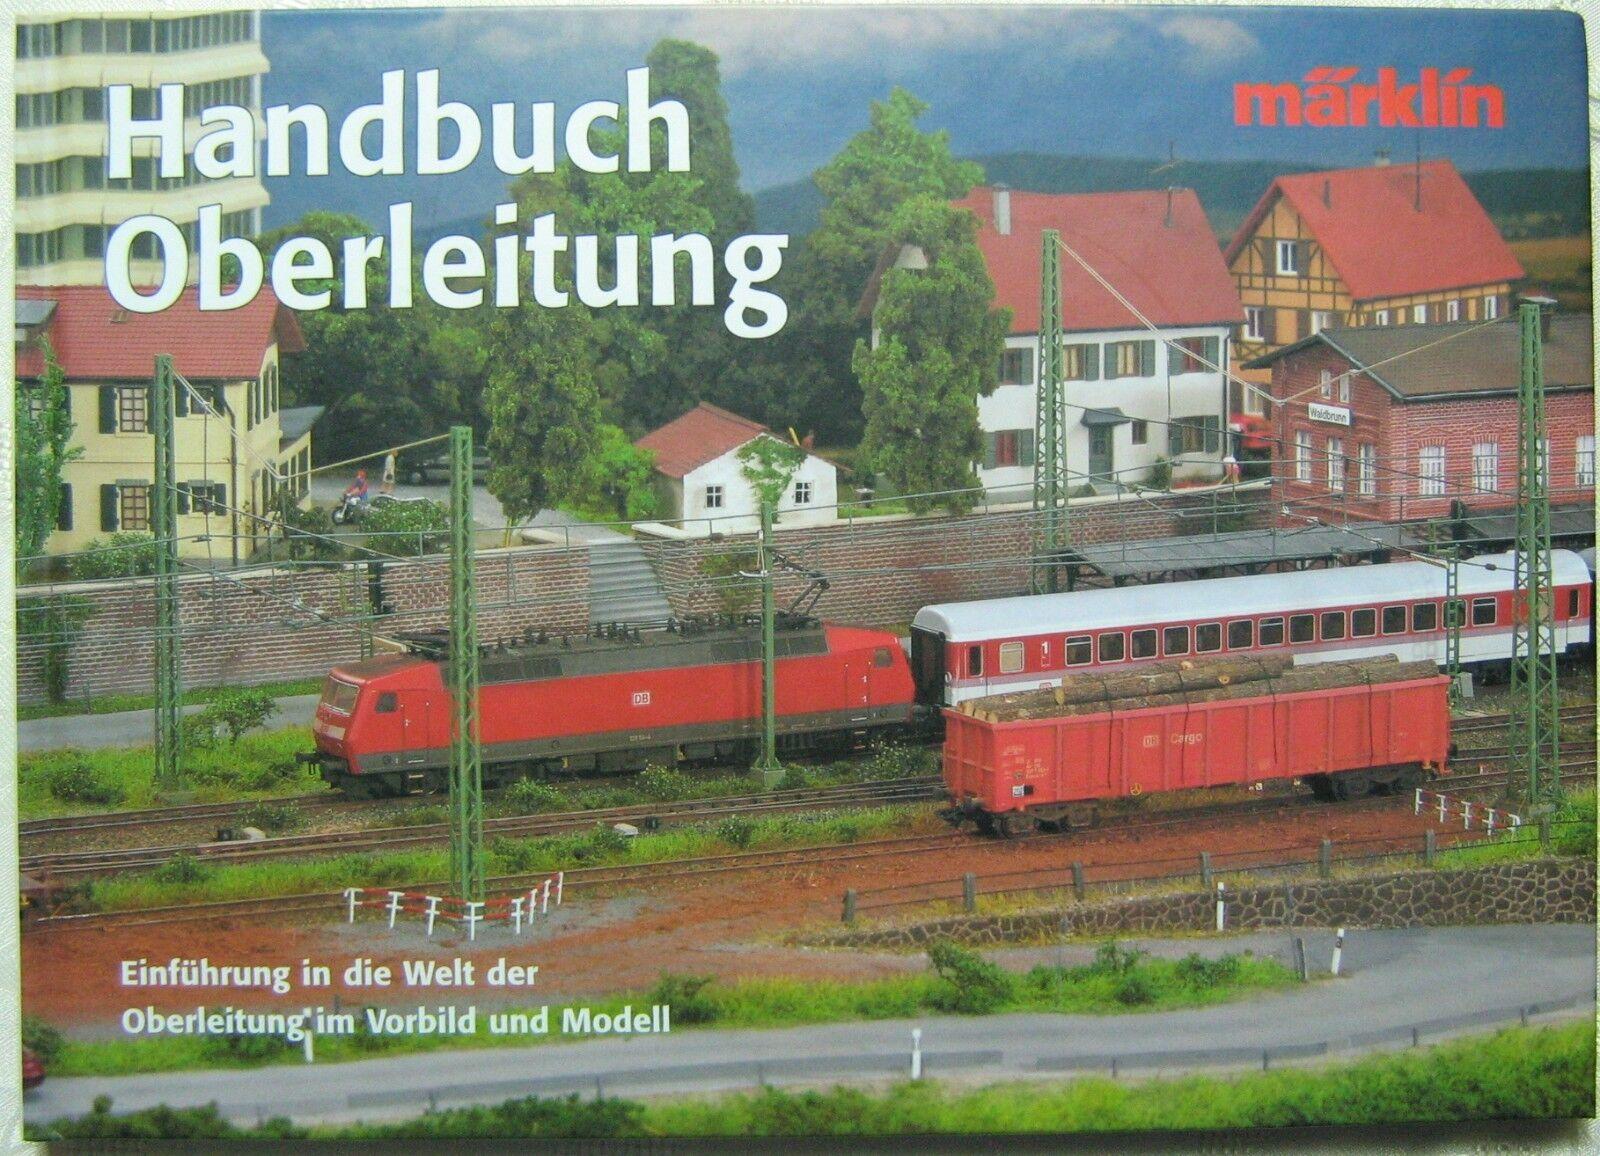 MÄRKLIN Handbuch Oberleitung 03901 2004